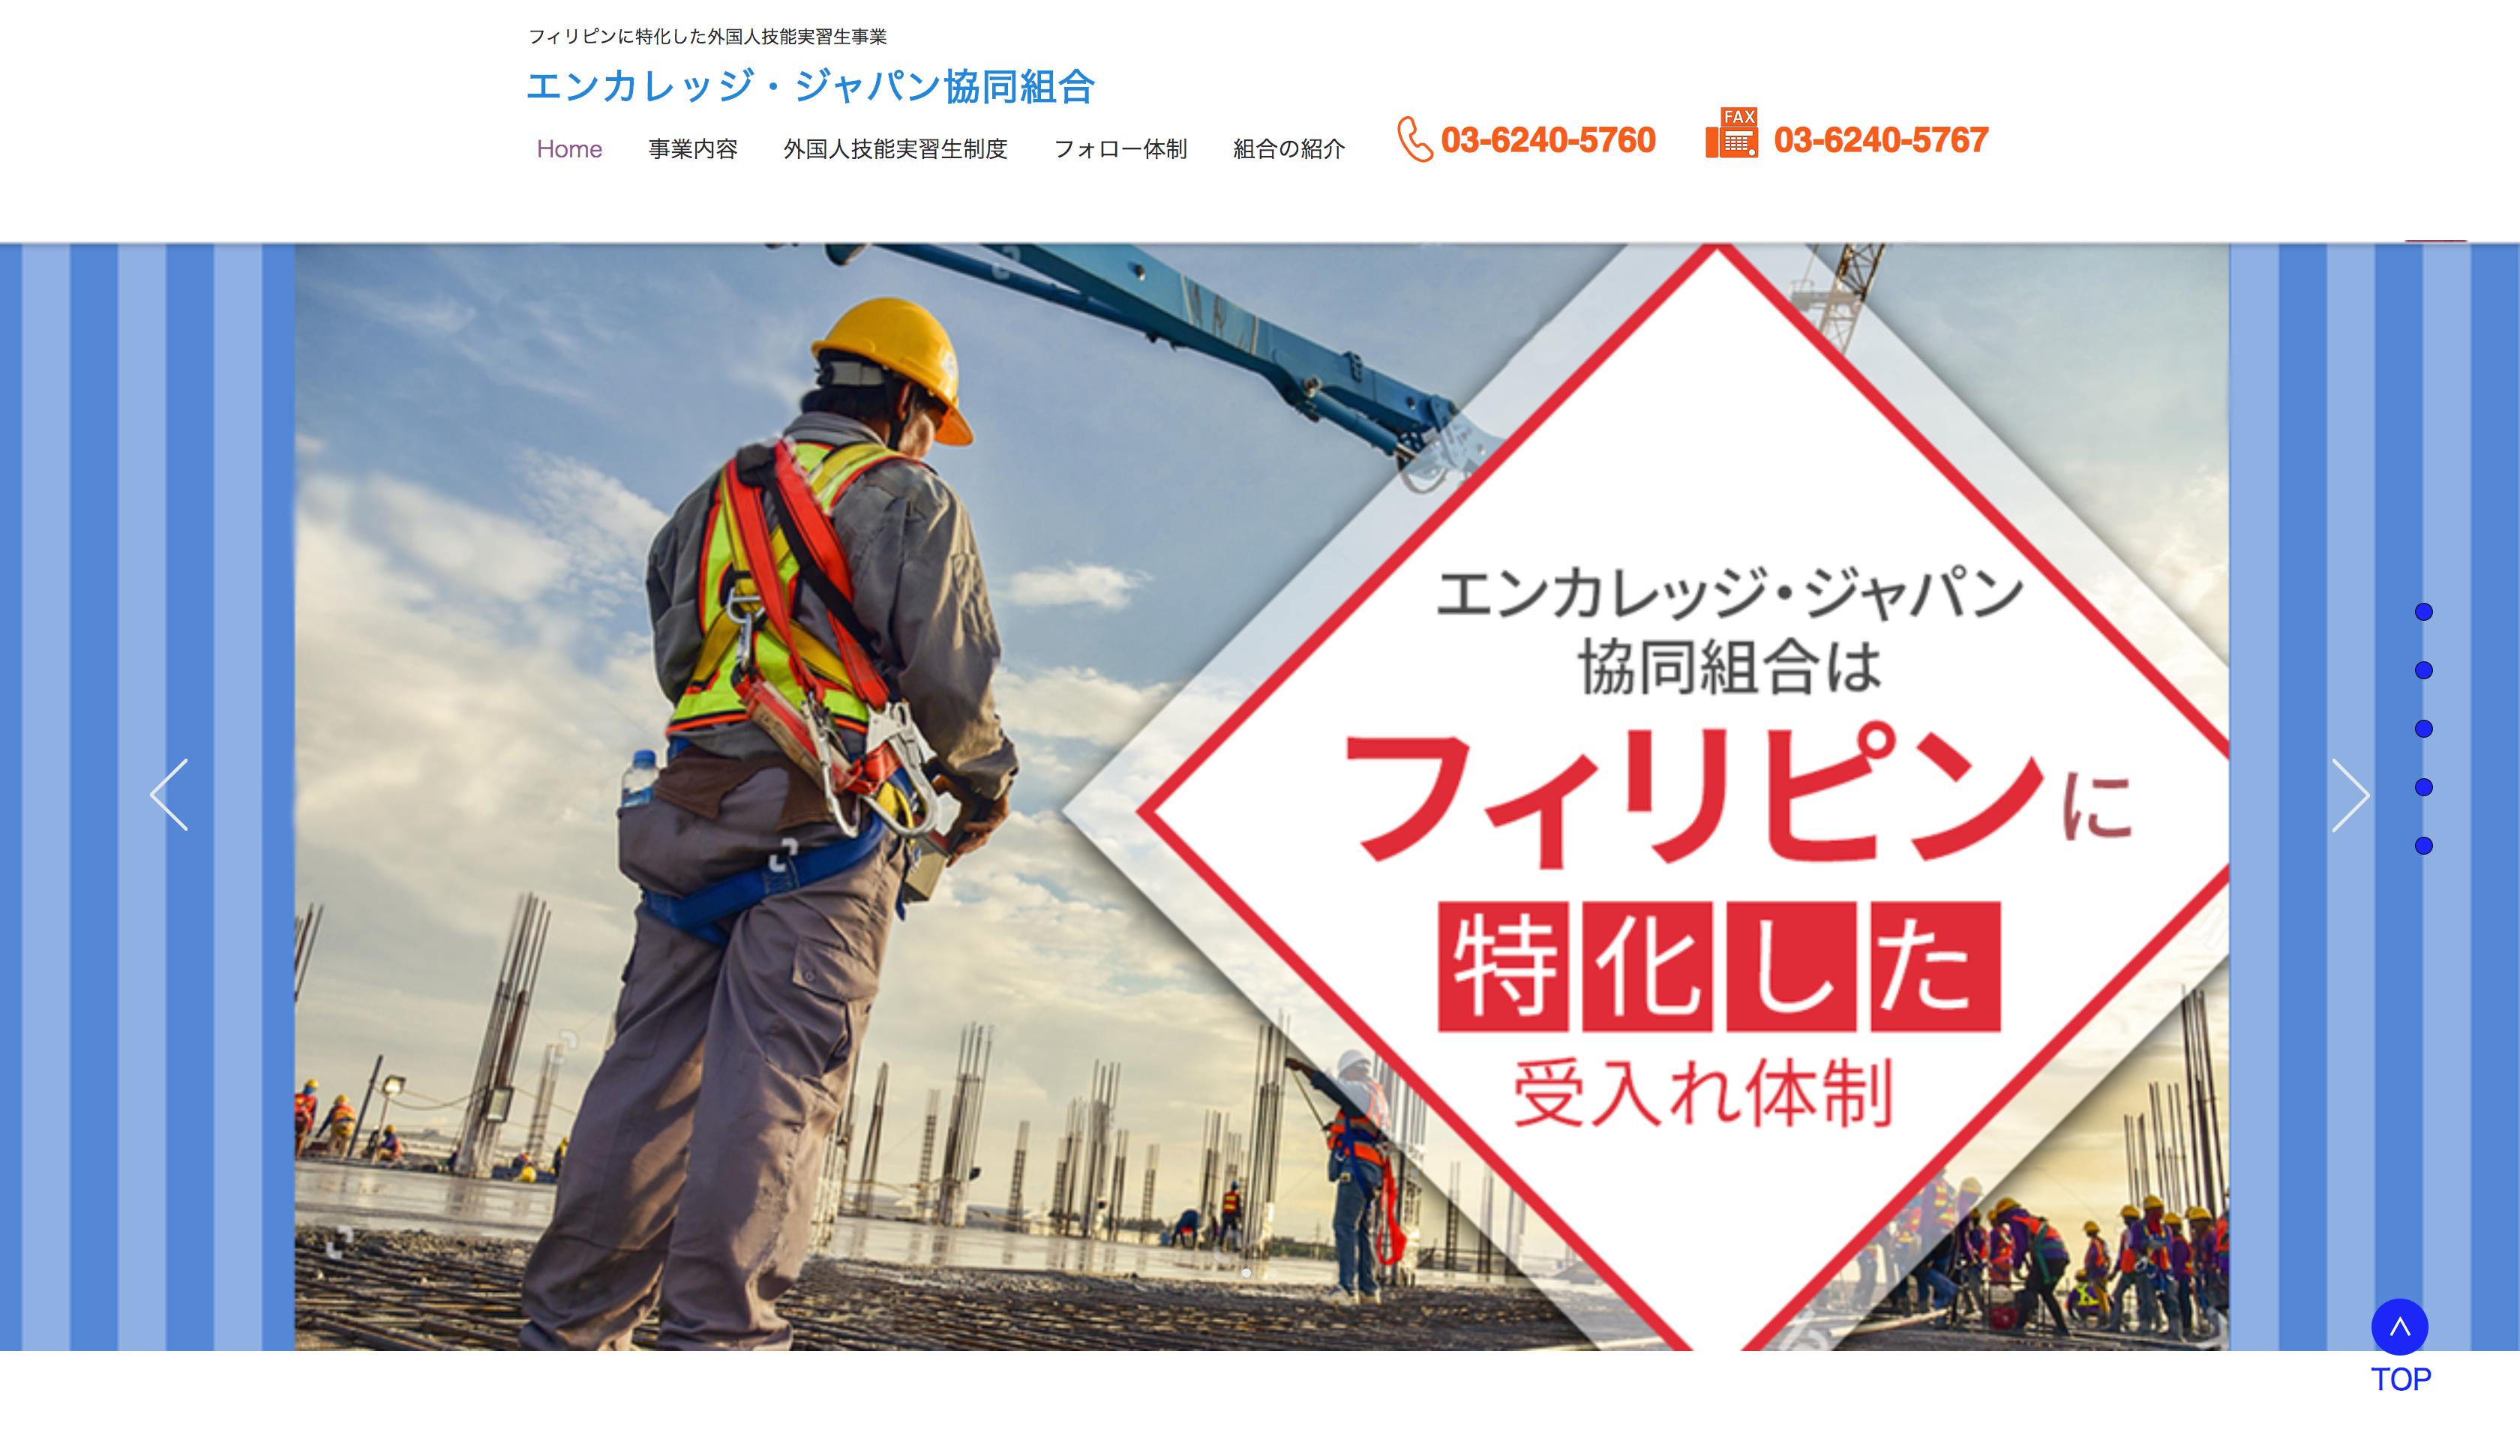 エンカレッジ・ジャパン LPサイト